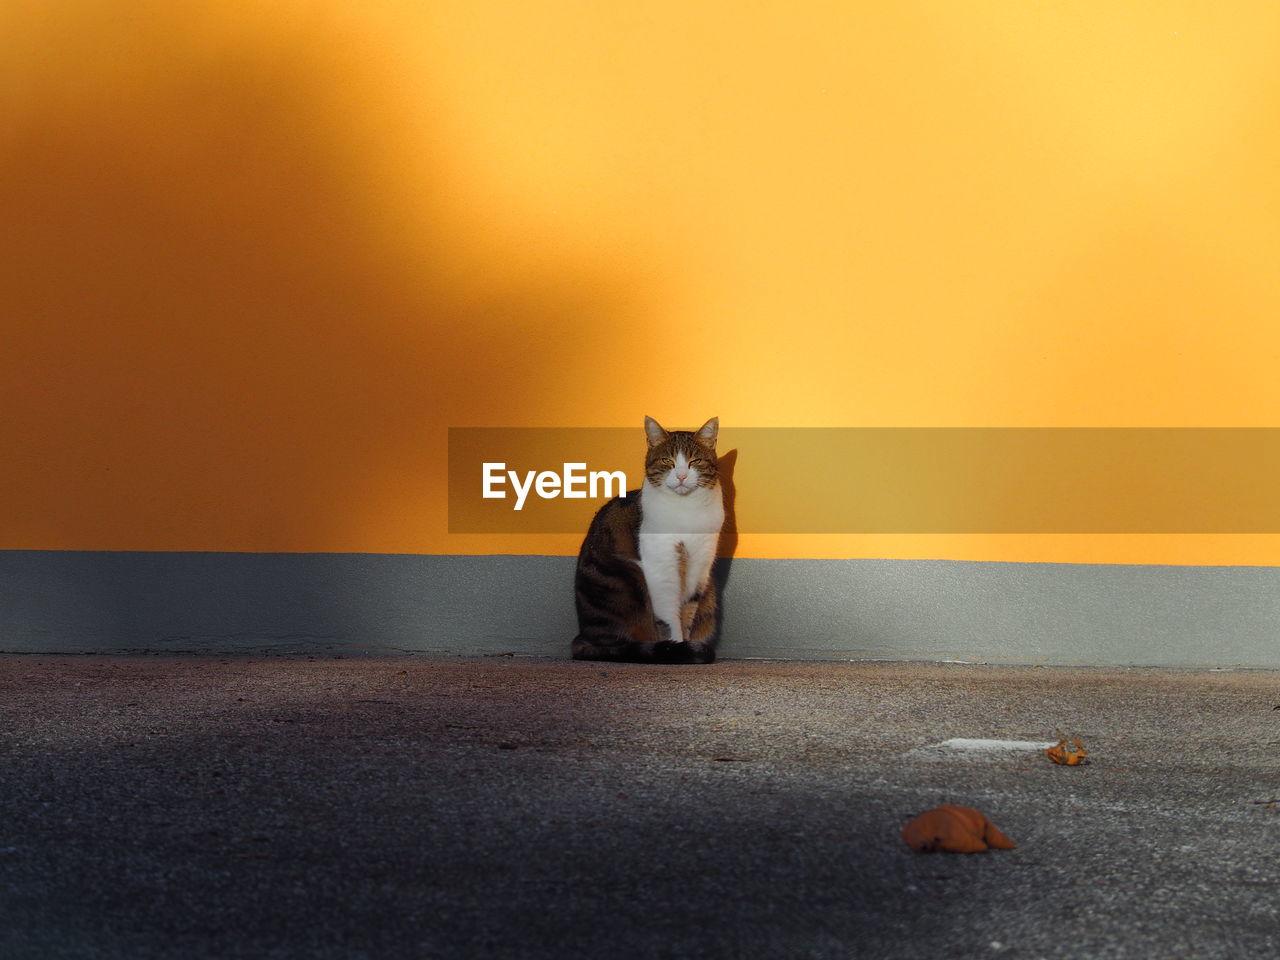 Cat against orange wall